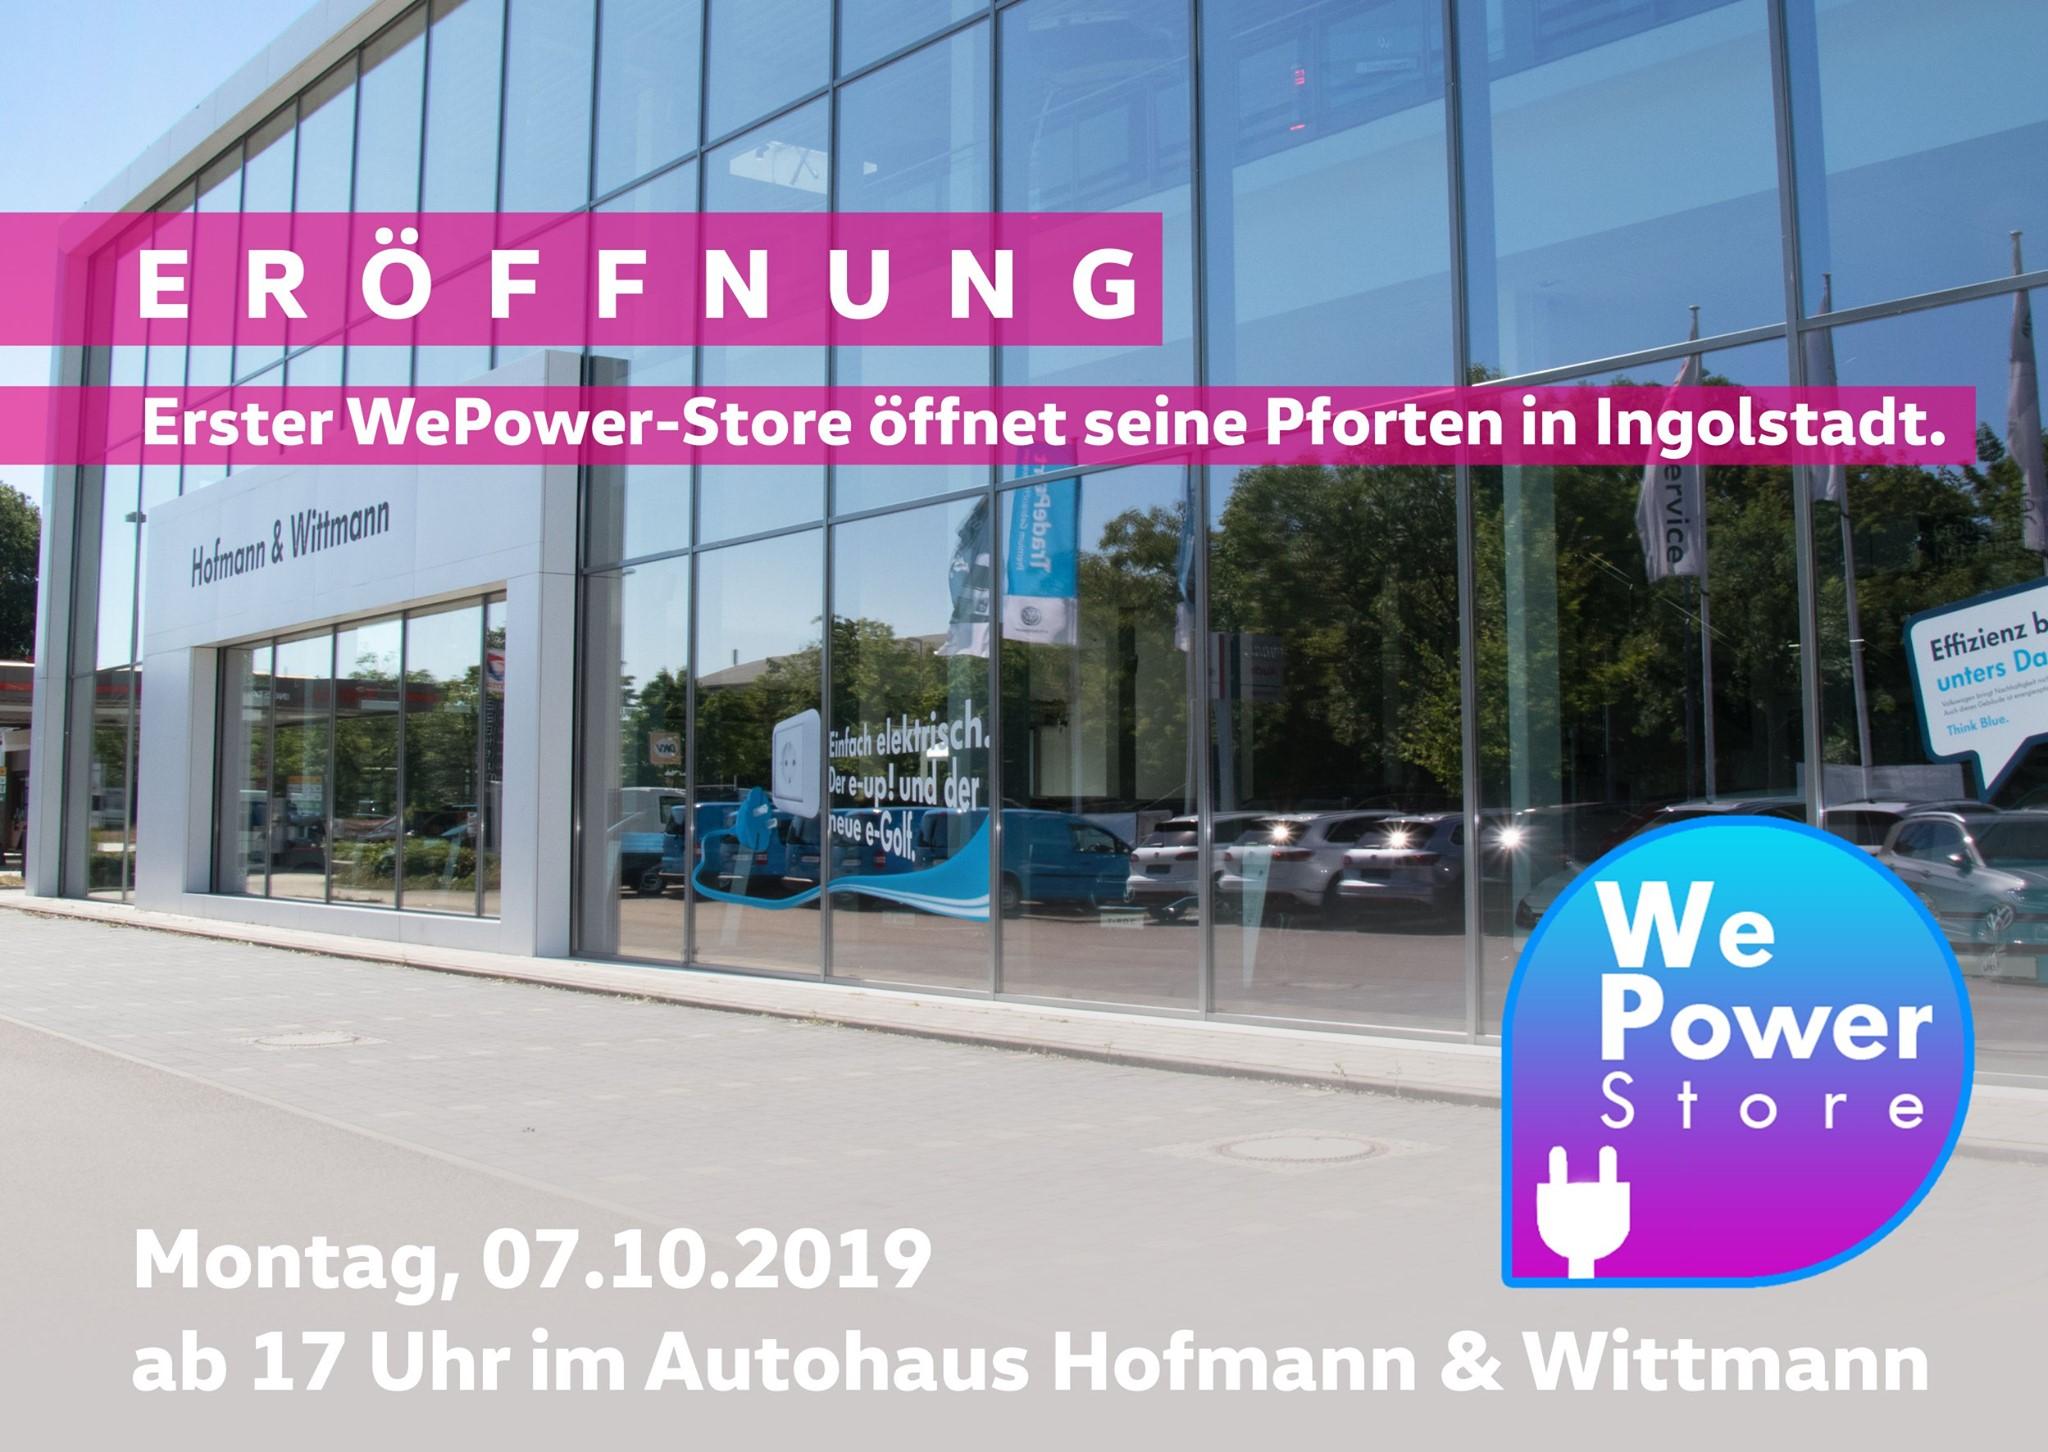 Erster WePower-Store öffnet seine Pforten in Ingolstadt.